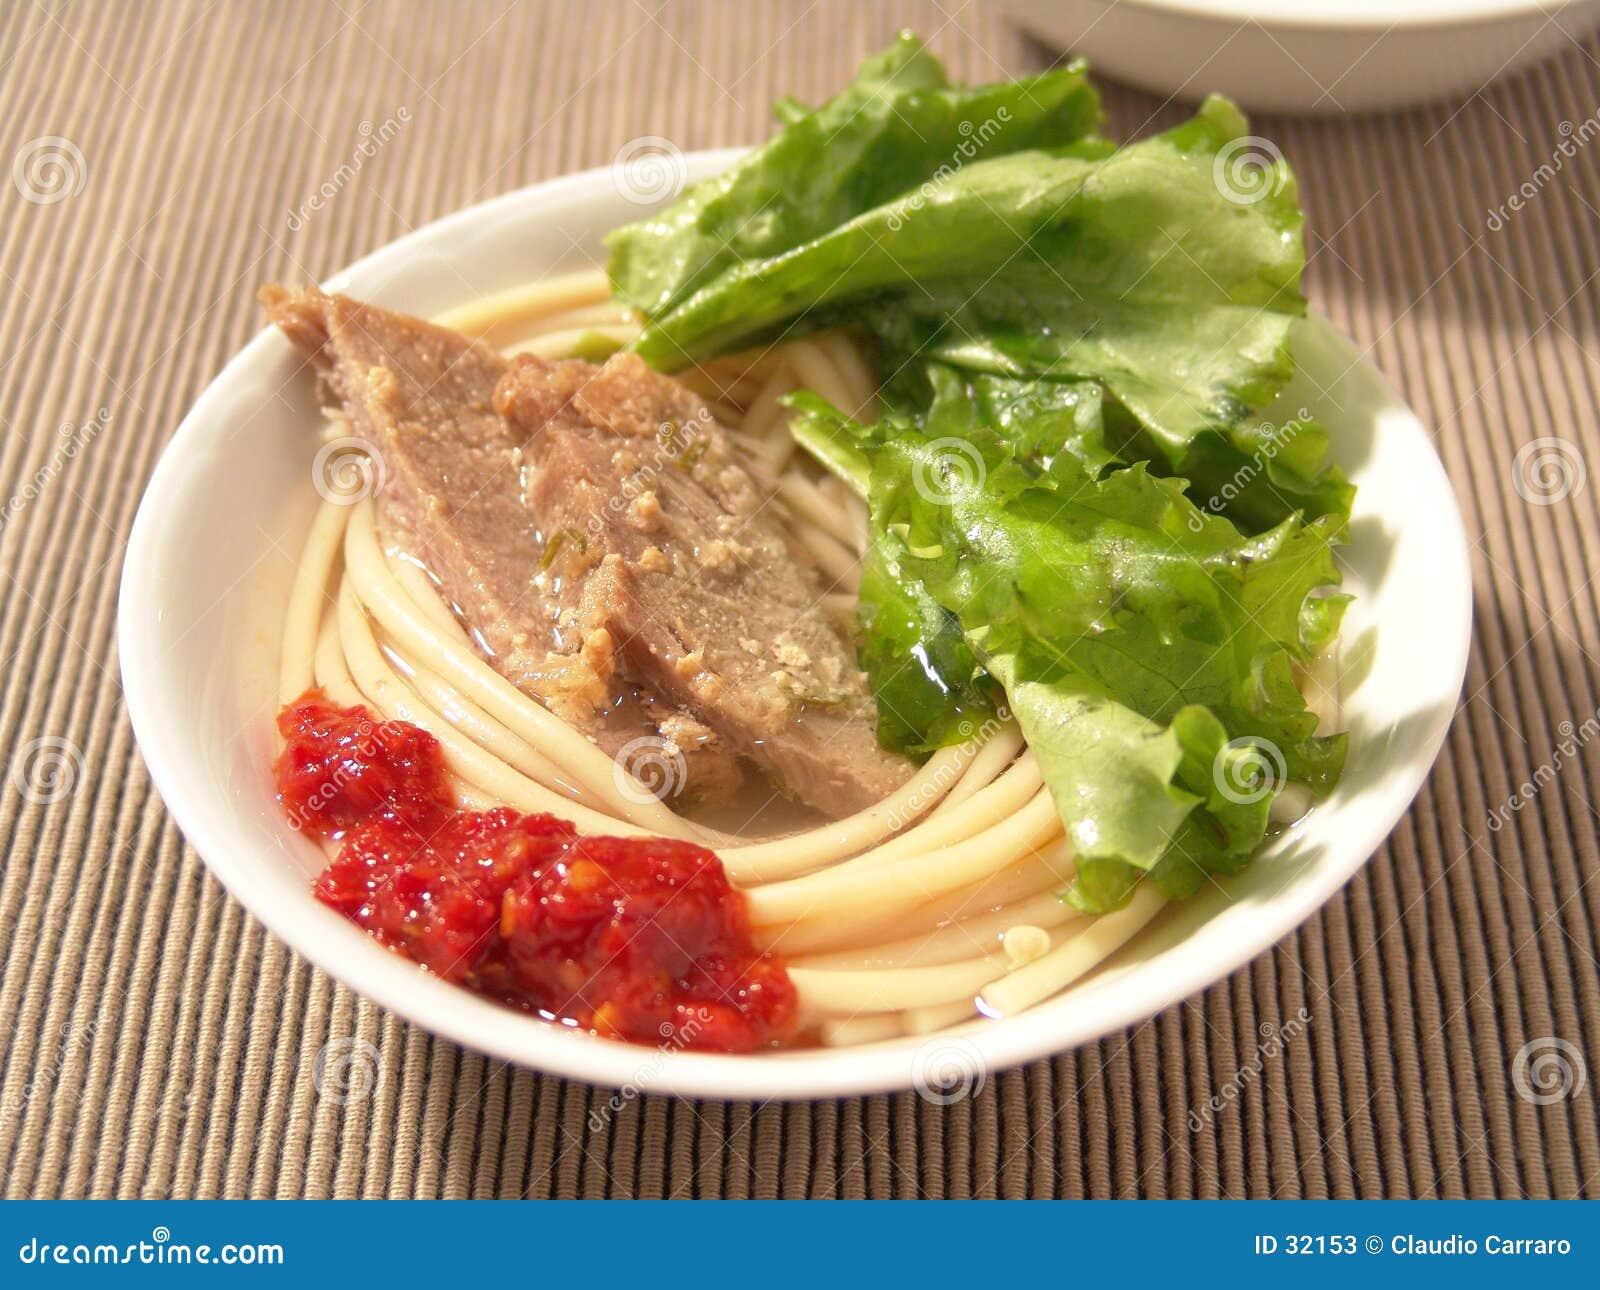 Jap noodle